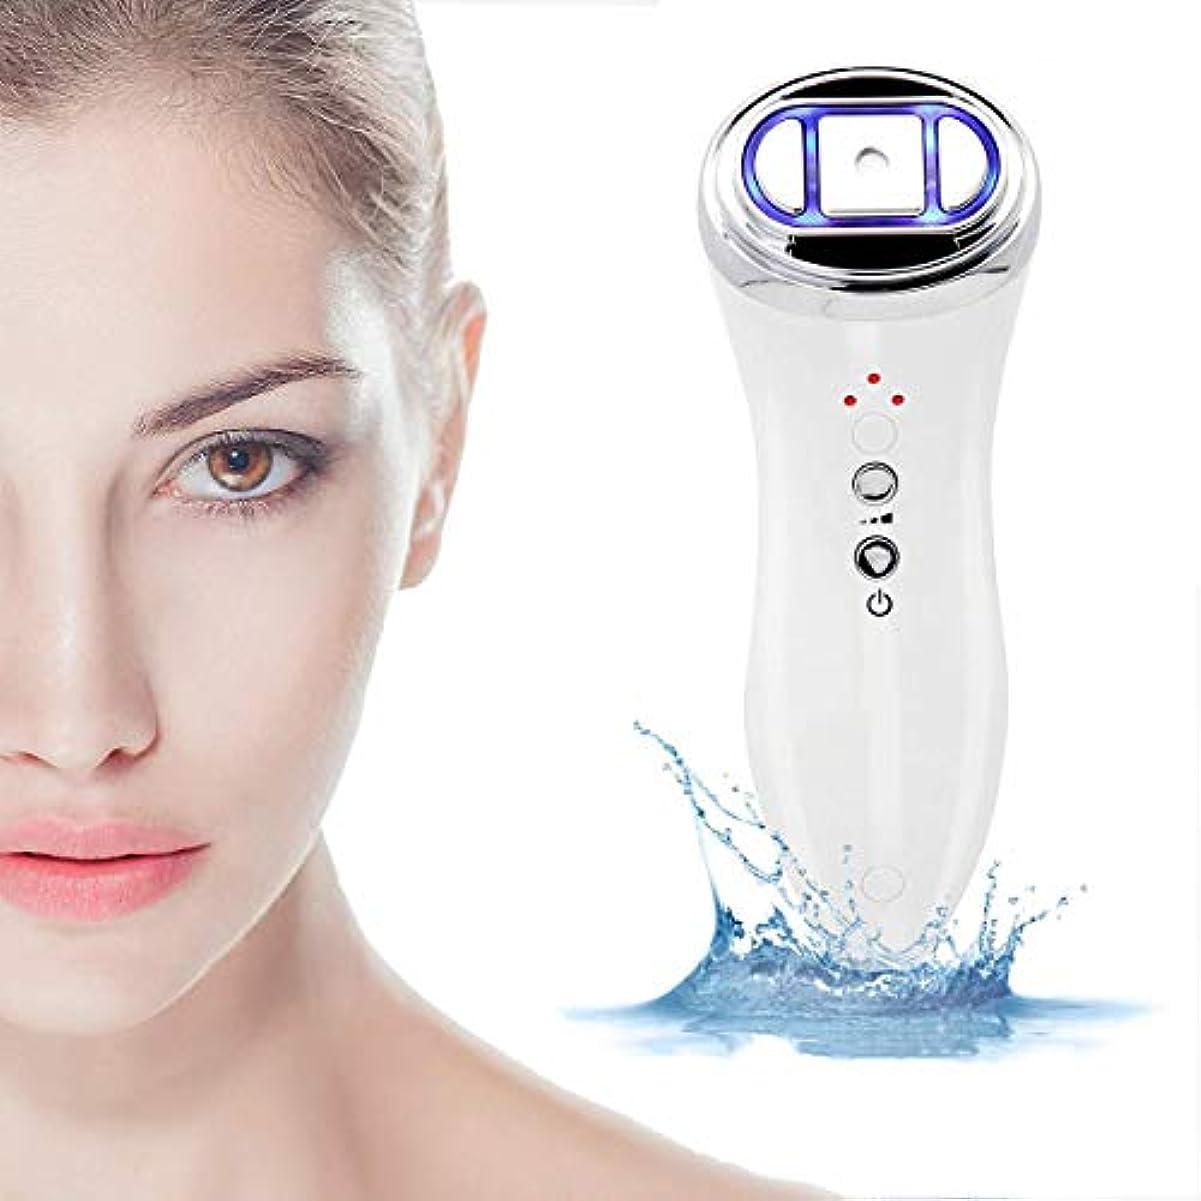 ステートメント面白い変色する顔の顔のマッサージャー、美装置高周波しわはスキンケア機械を取除きます - 目の顔の持ち上がることおよびきつく締めるため